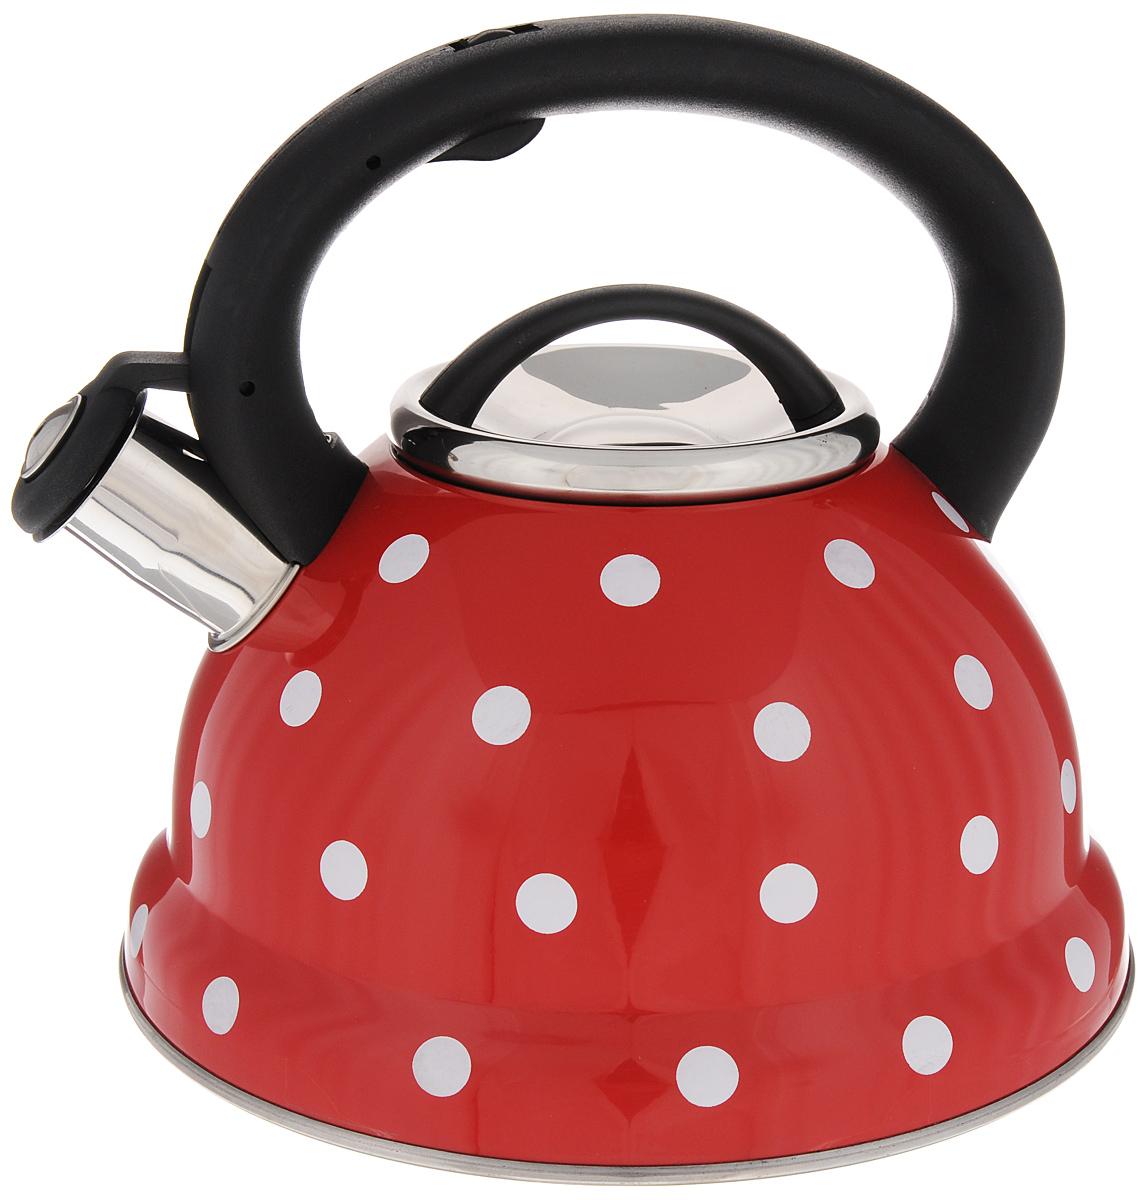 Чайник Mayer & Boch Горох, со свистком, 2,8 л. 2497354 009312Чайник со свистком Mayer & Boch изготовлен из высококачественной нержавеющей стали, что обеспечивает долговечность использования. Носик чайника оснащен откидным свистком, звуковой сигнал которого подскажет, когда закипит вода. Фиксированная ручка, изготовленная из пластика и цинка, снабжена клавишей для открывания носика, что делает использование чайника очень удобным и безопасным. Чайник Mayer & Boch - качественное исполнение и стильное решение для вашей кухни. Подходит для всех типов плит, включая индукционные. Можно мыть в посудомоечной машине. Высота чайника (с учетом ручки): 21,5 см.Высота чайника (без учета ручки и крышки): 12 см.Диаметр чайника (по верхнему краю): 10 см.Диаметр основания: 22 см.